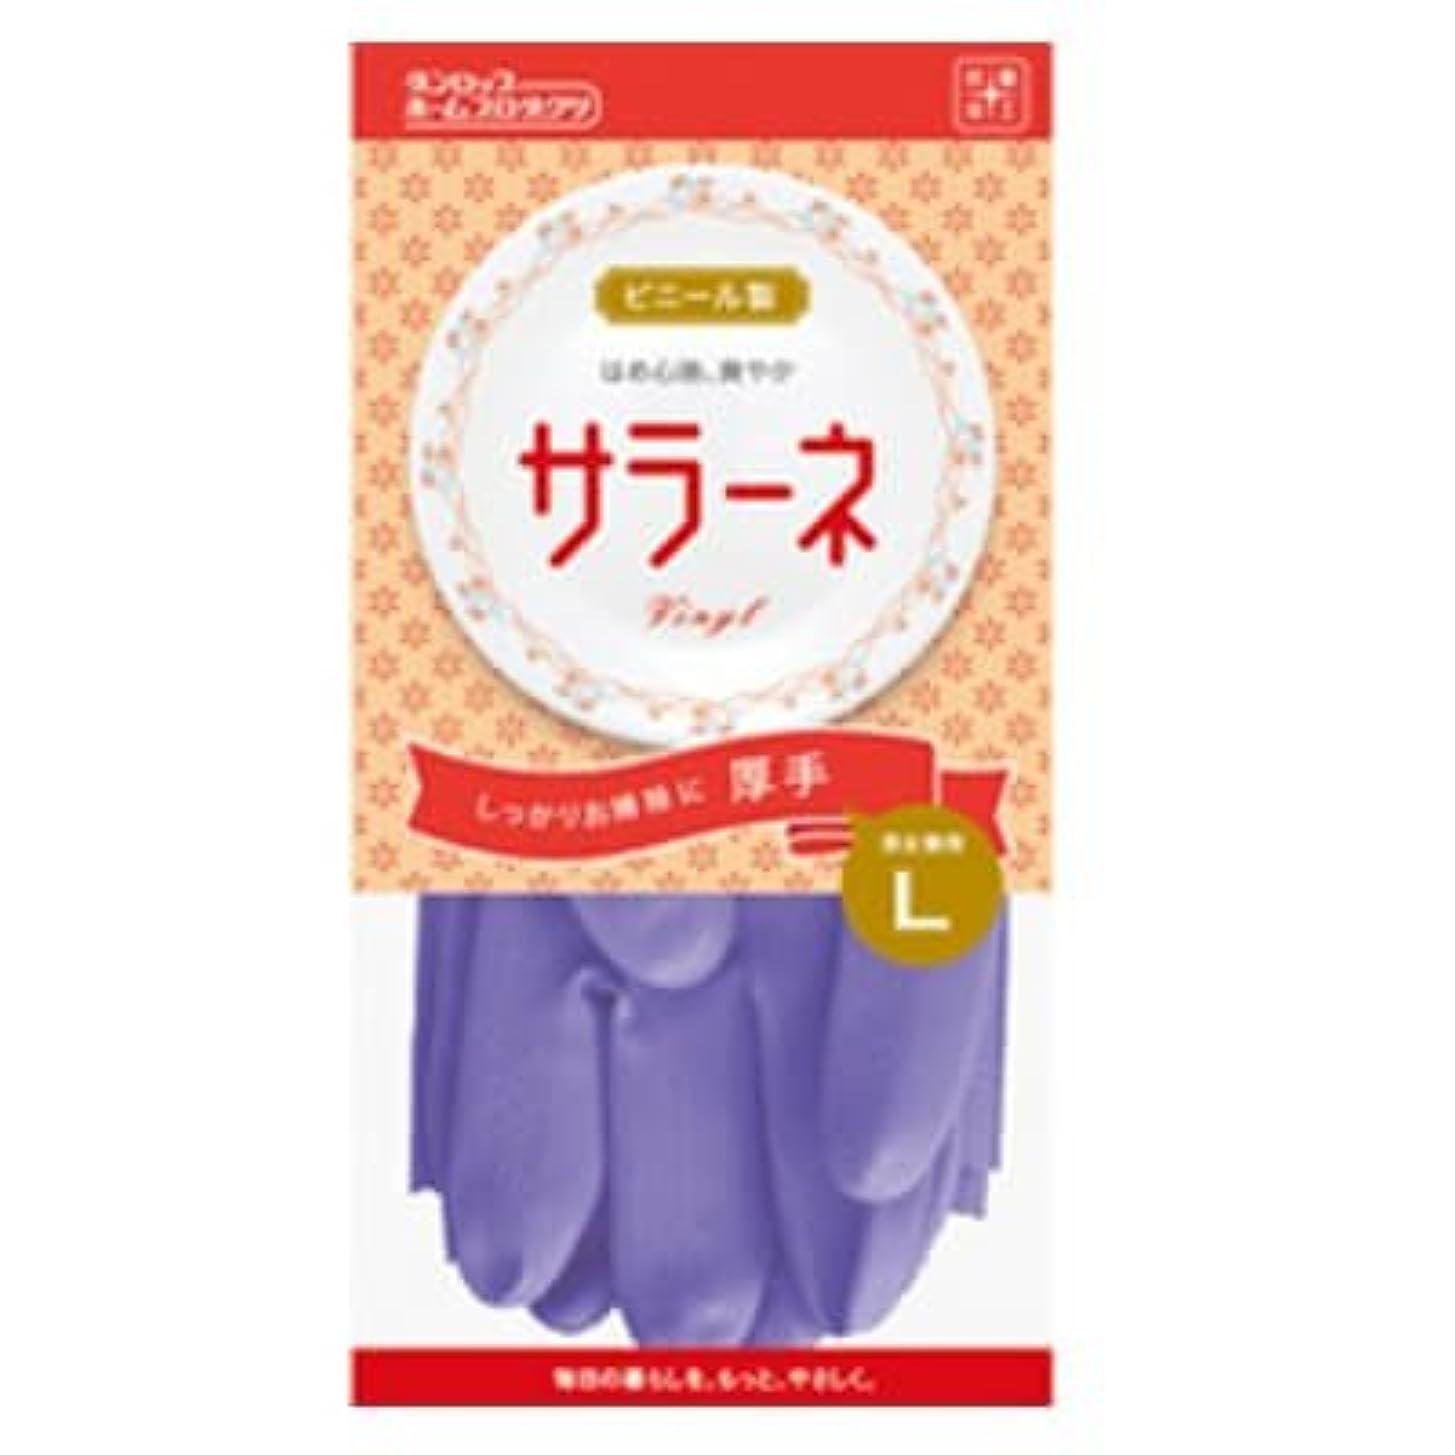 クロニクルびっくりインク【ケース販売】 ダンロップ サラーネ 厚手 L バイオレット (10双×12袋)